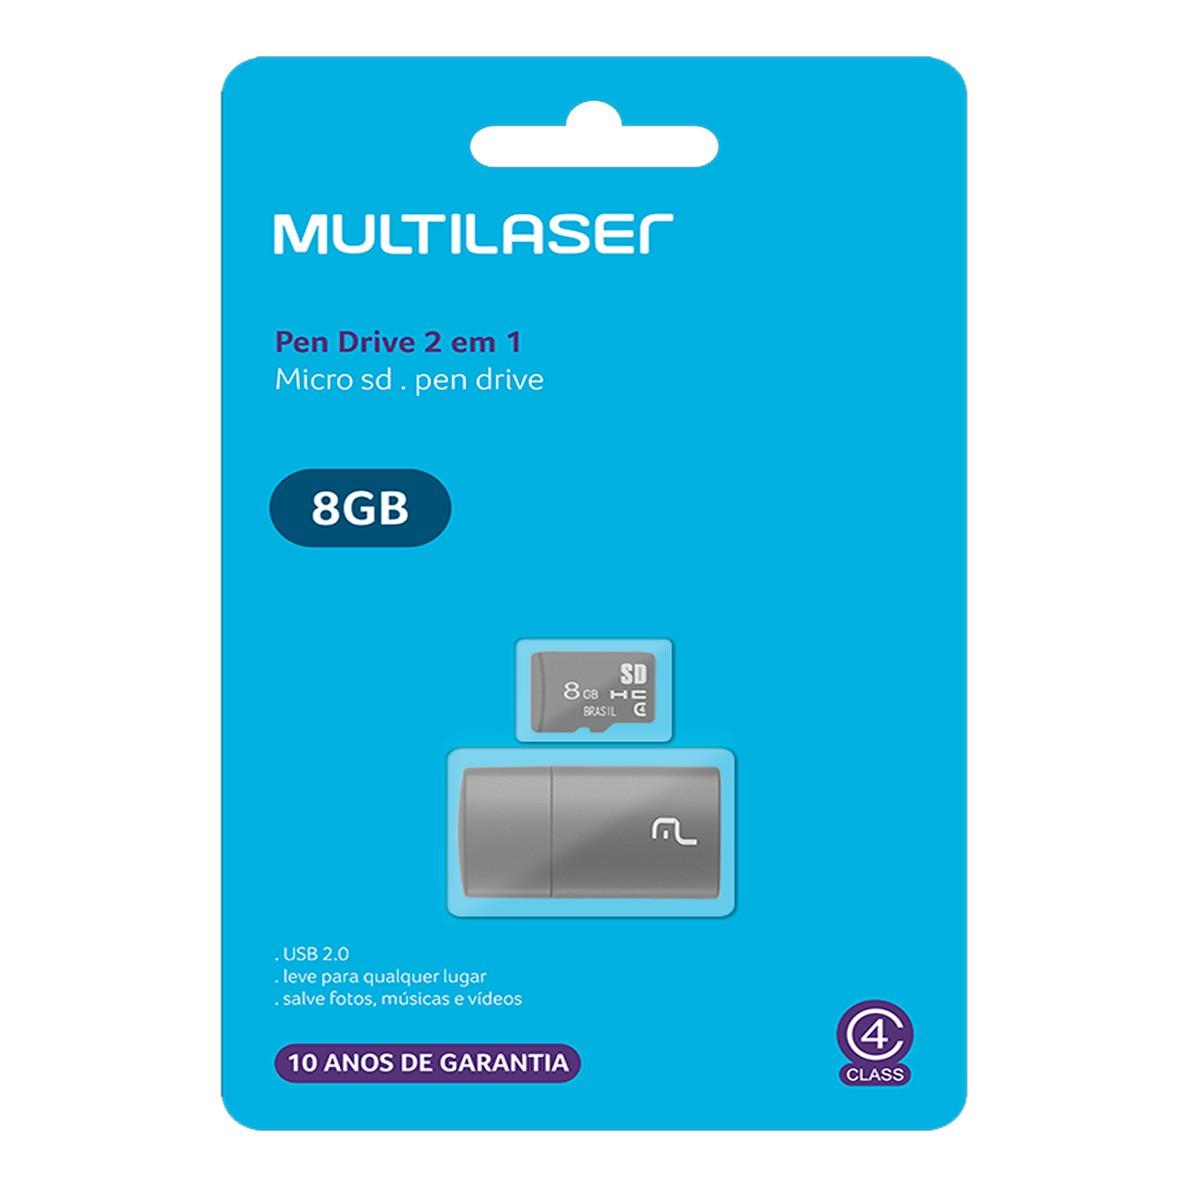 Cartão de Memória Micro SD 8GB com Adaptador USB Classe 4